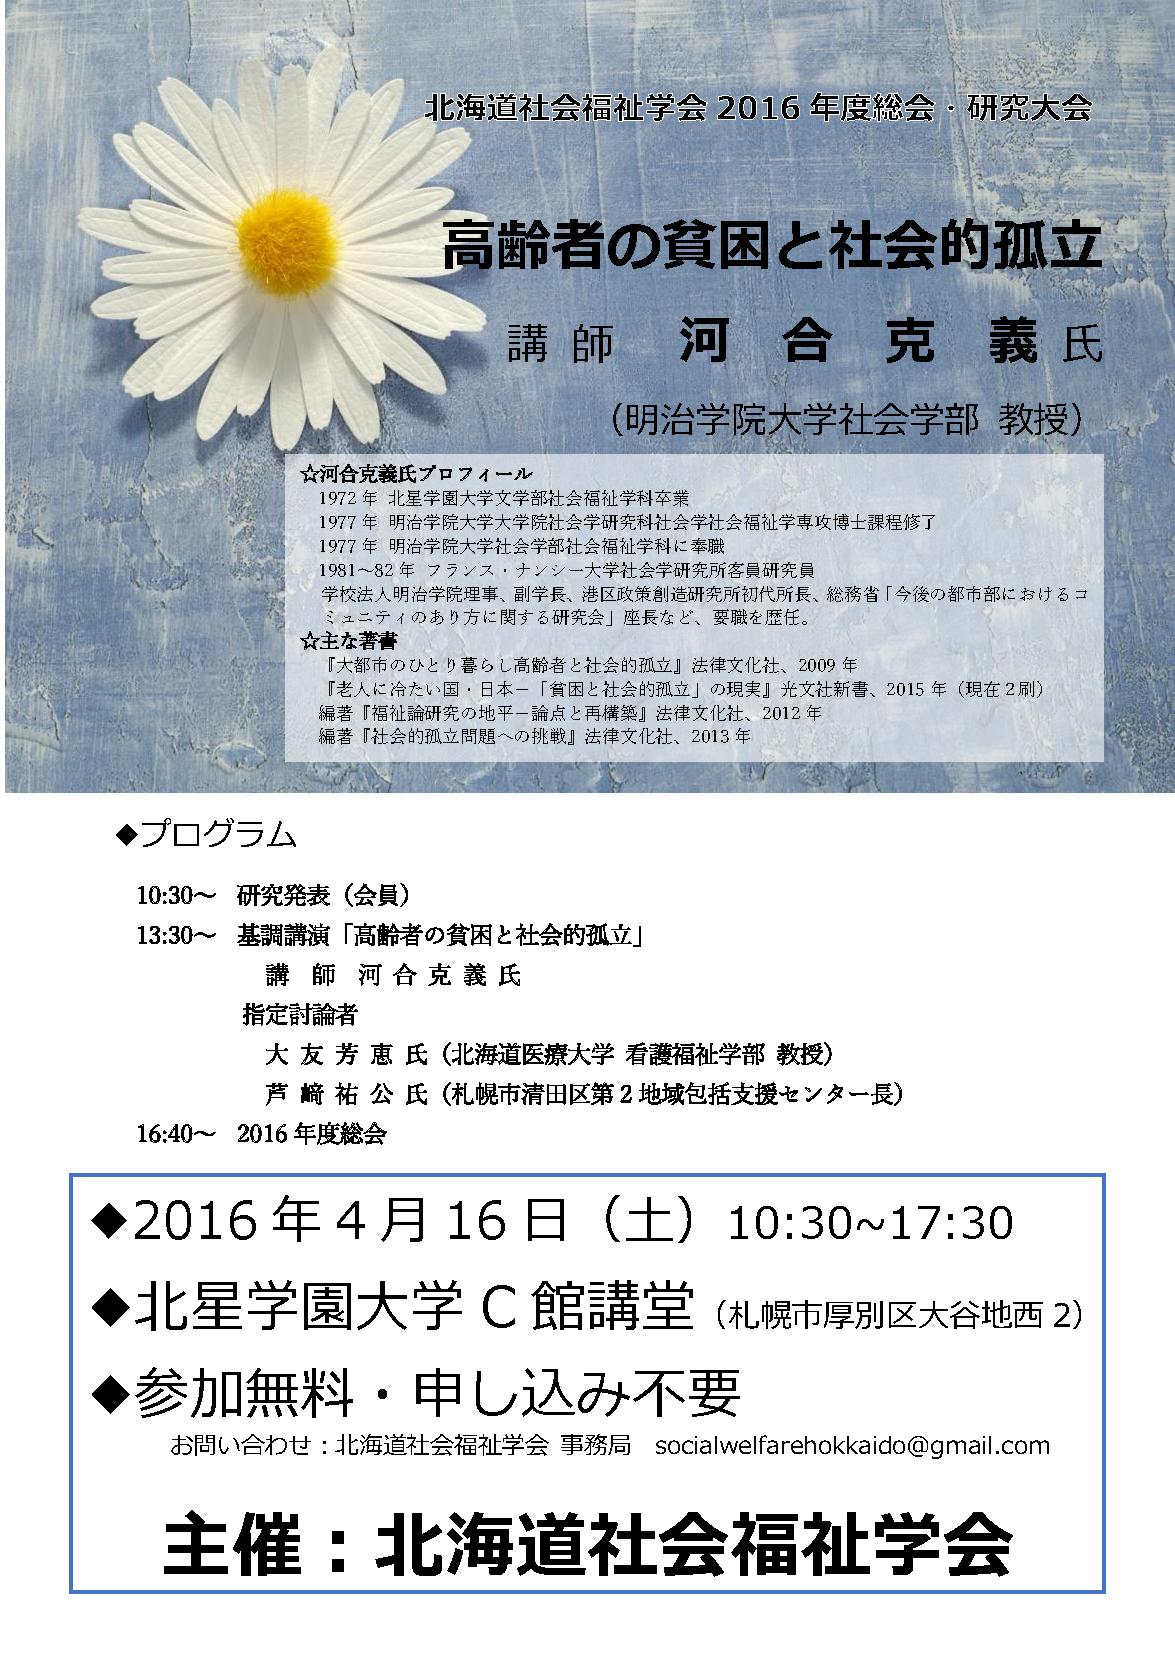 北海道社会福祉学会2016年度総会・研究大会ちらし(案)_ページ_3